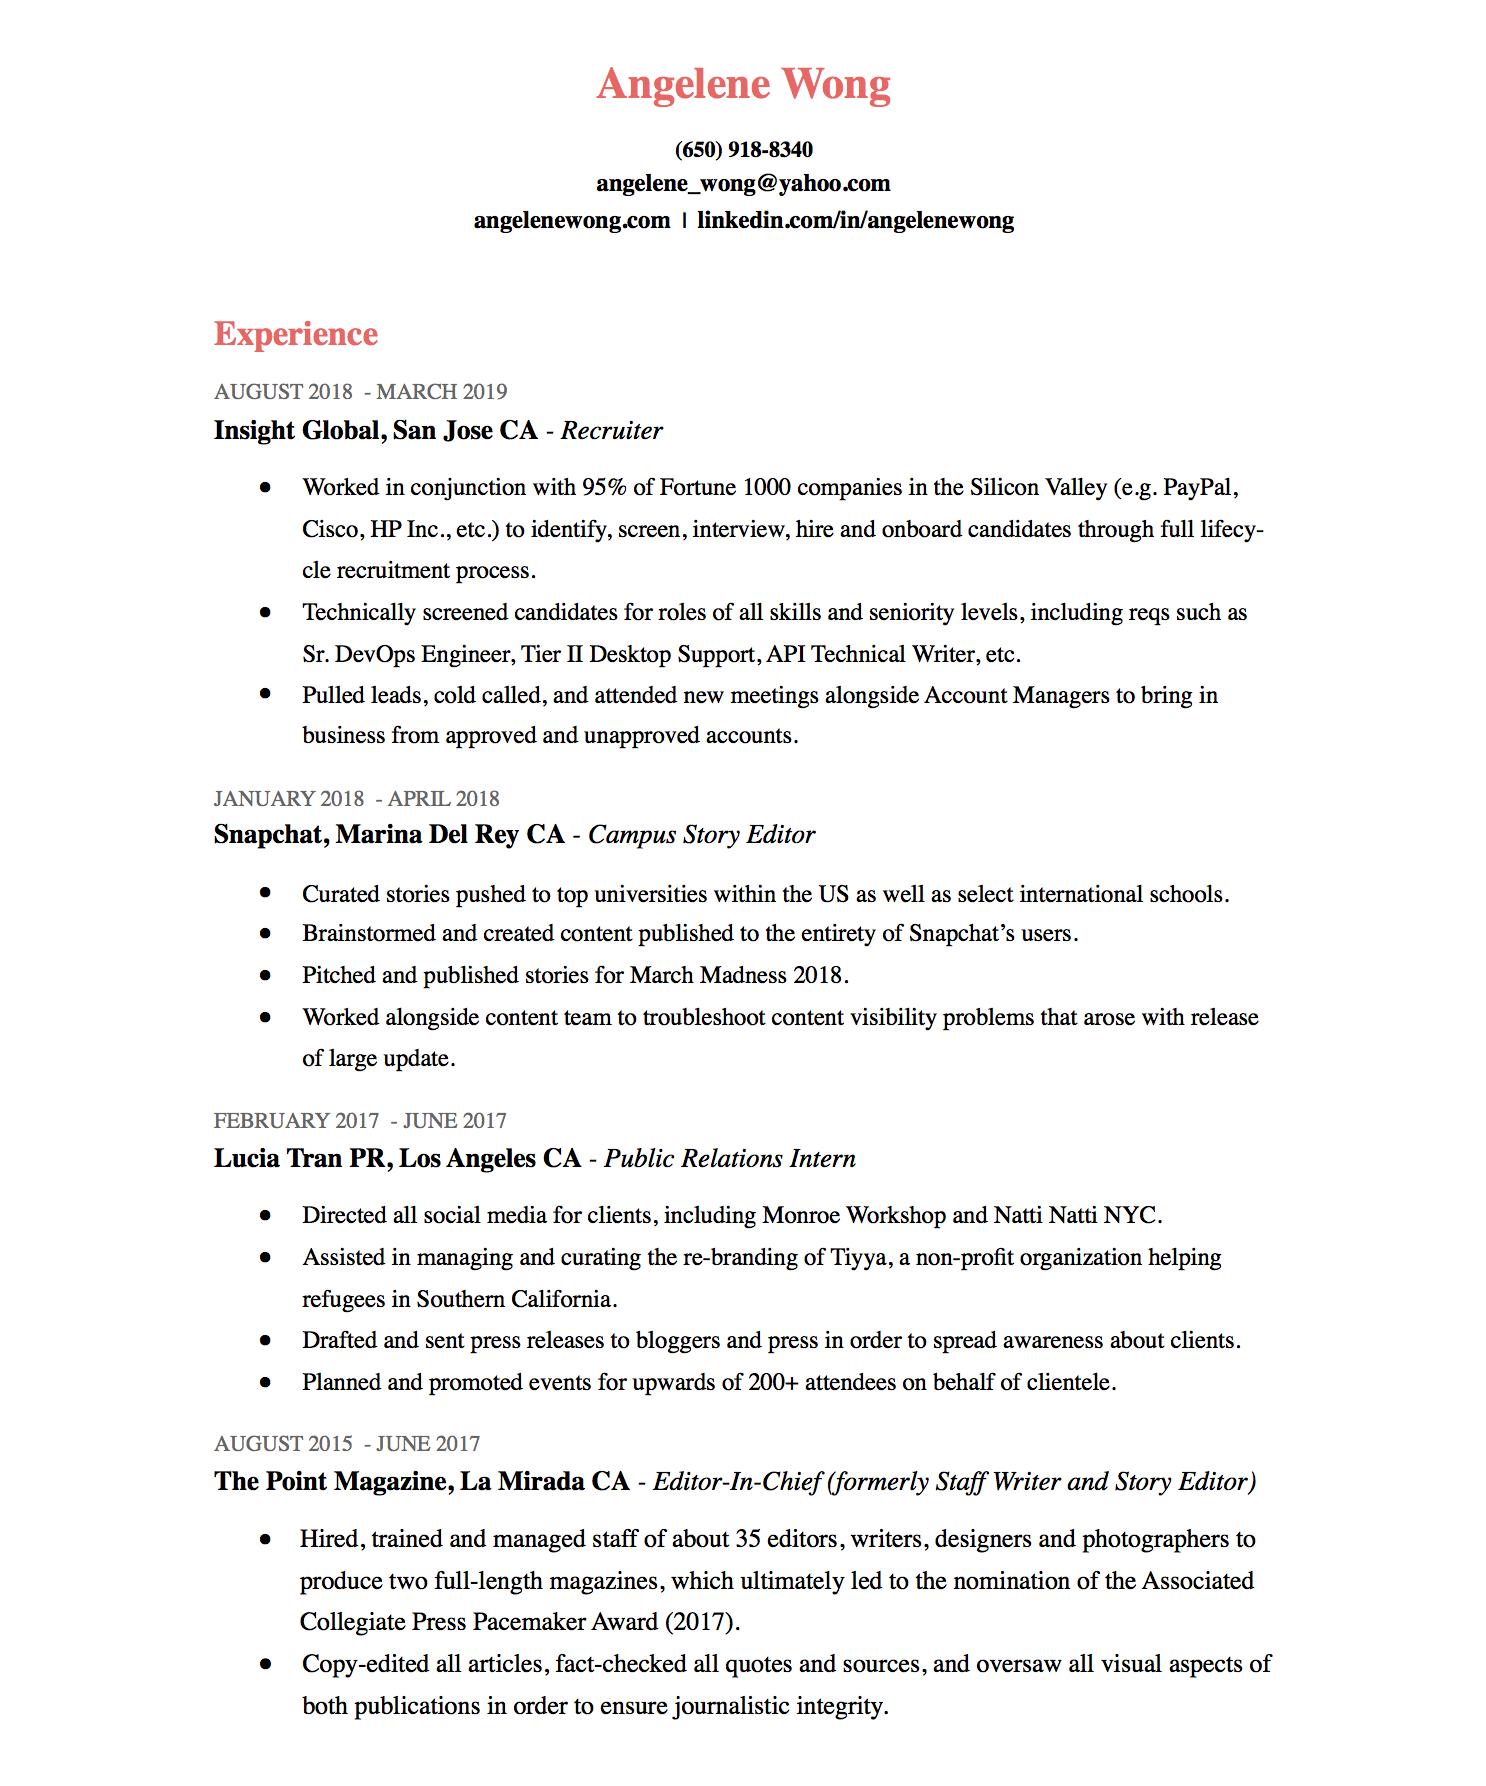 Resume — Angelene Wong